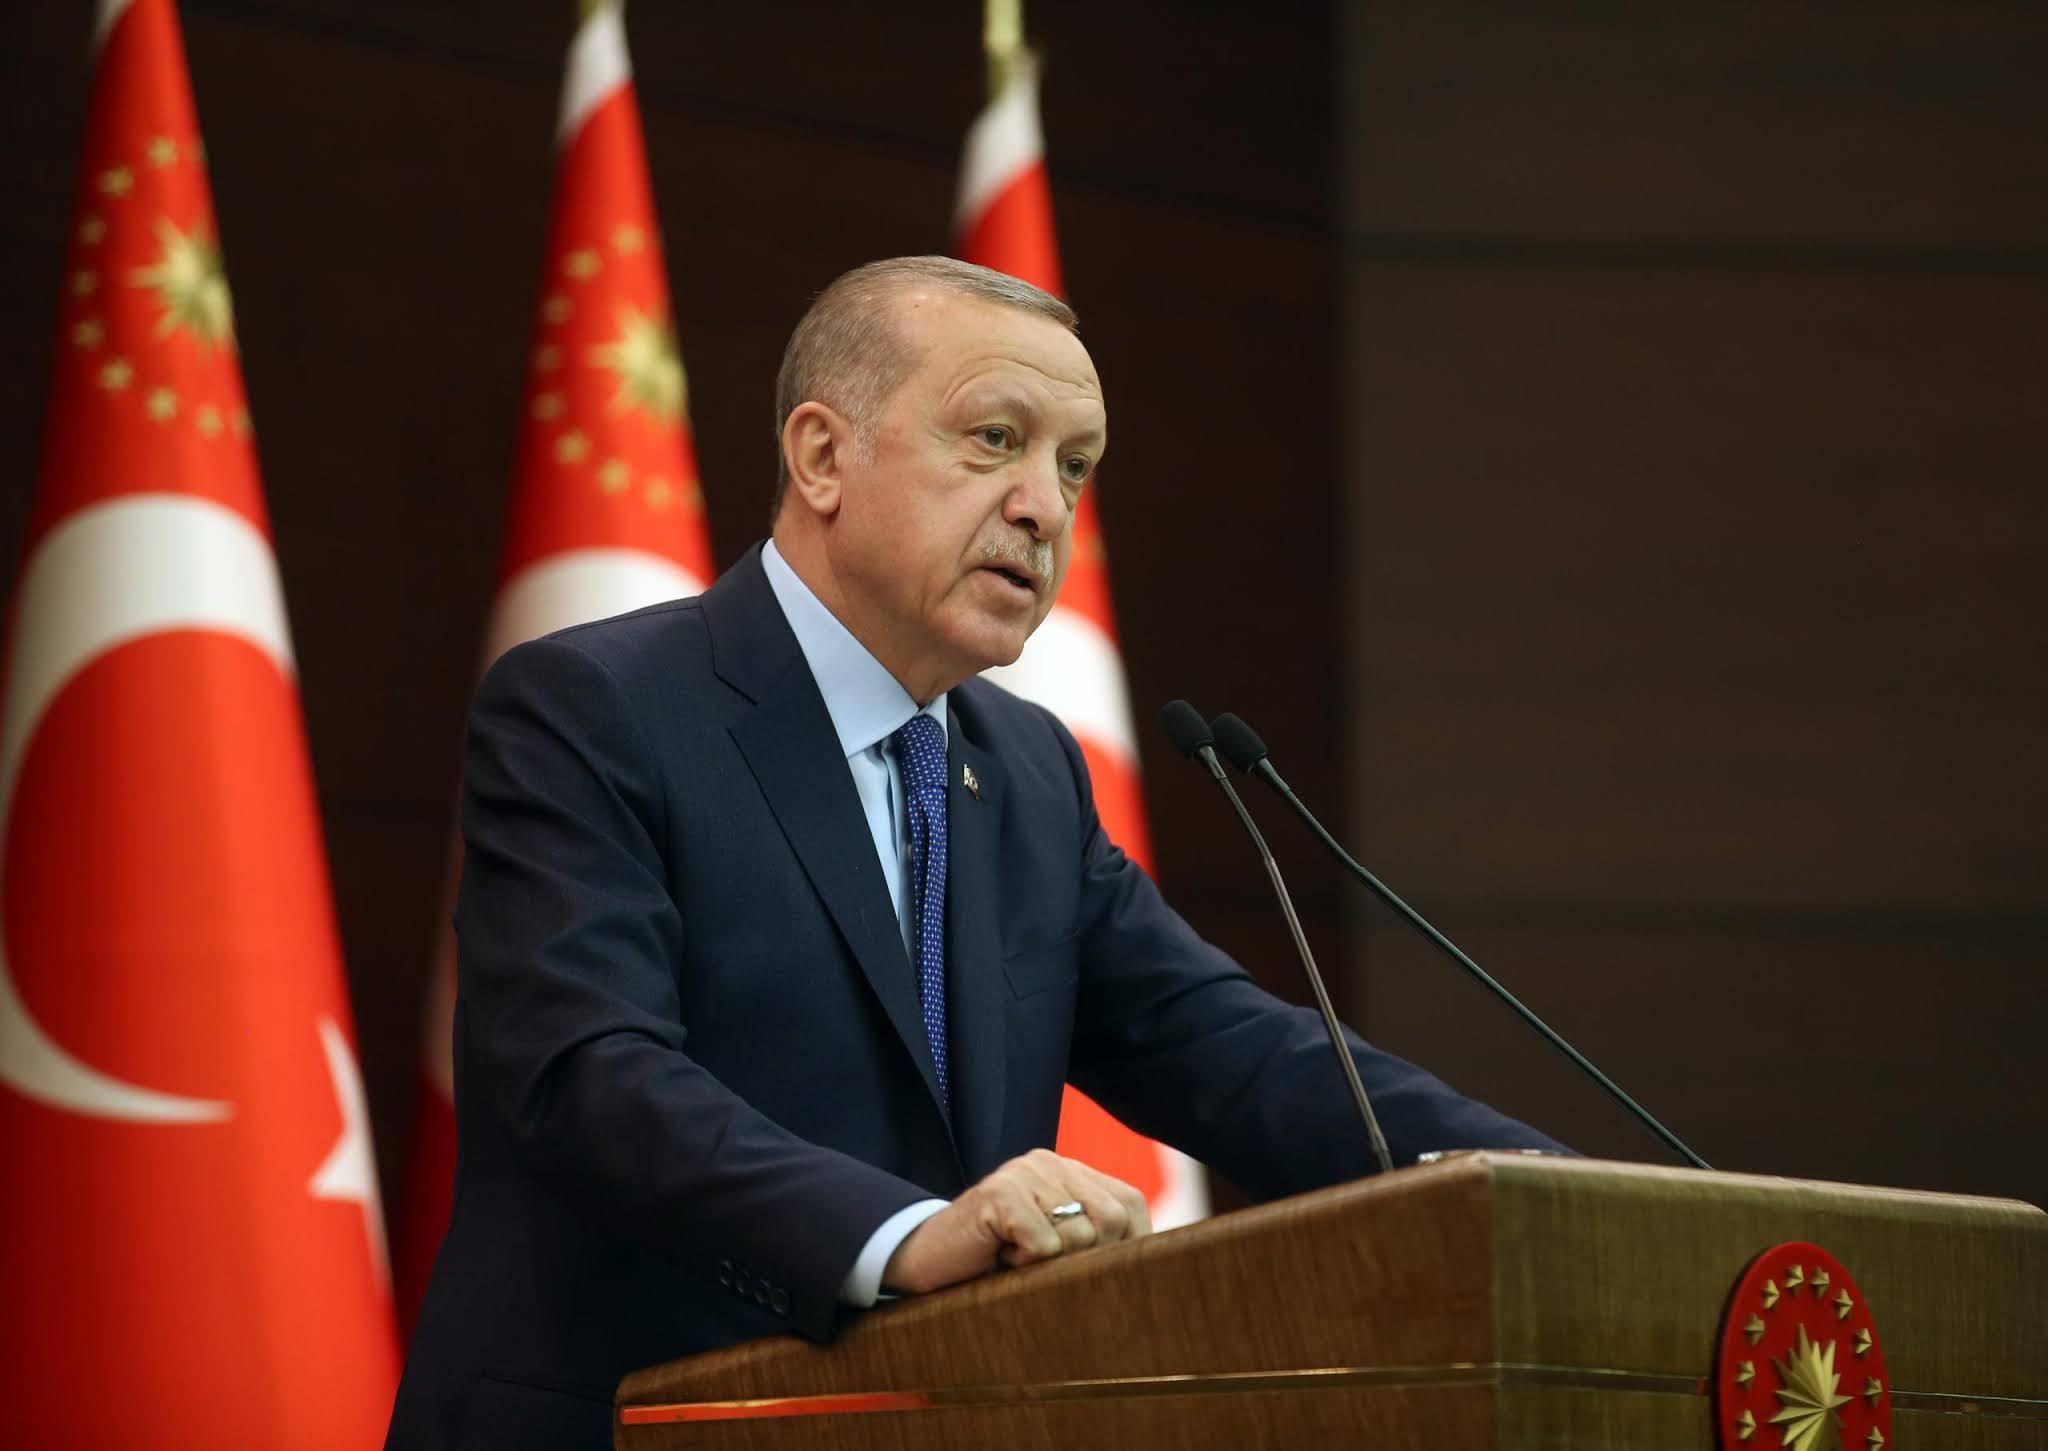 Cumhurbaşkanı Recep Tayyip Erdoğan Dijital Paralar Hakkında Açıklamalarda Bulundu